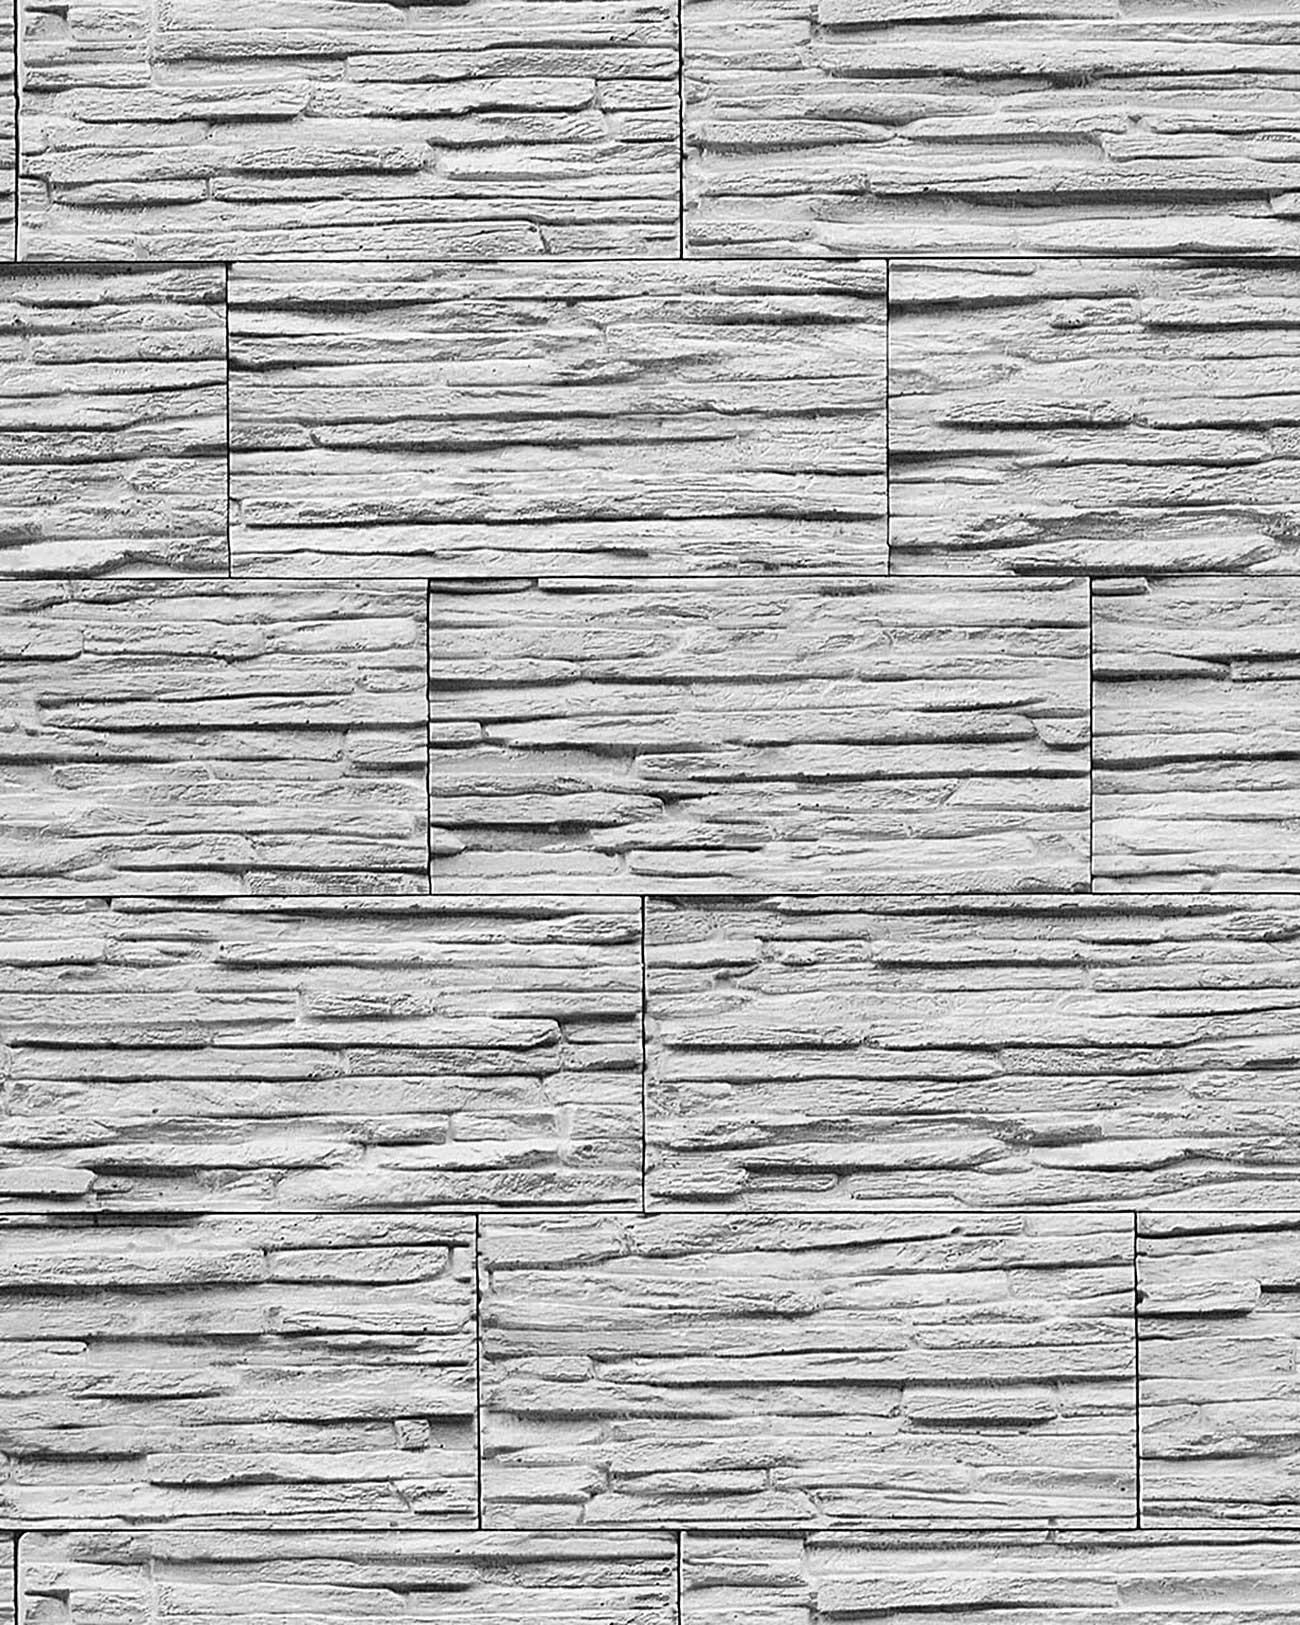 stein tapete edem 1003 32 tapete naturstein bruch stein mauer optik gepr gte struktur. Black Bedroom Furniture Sets. Home Design Ideas